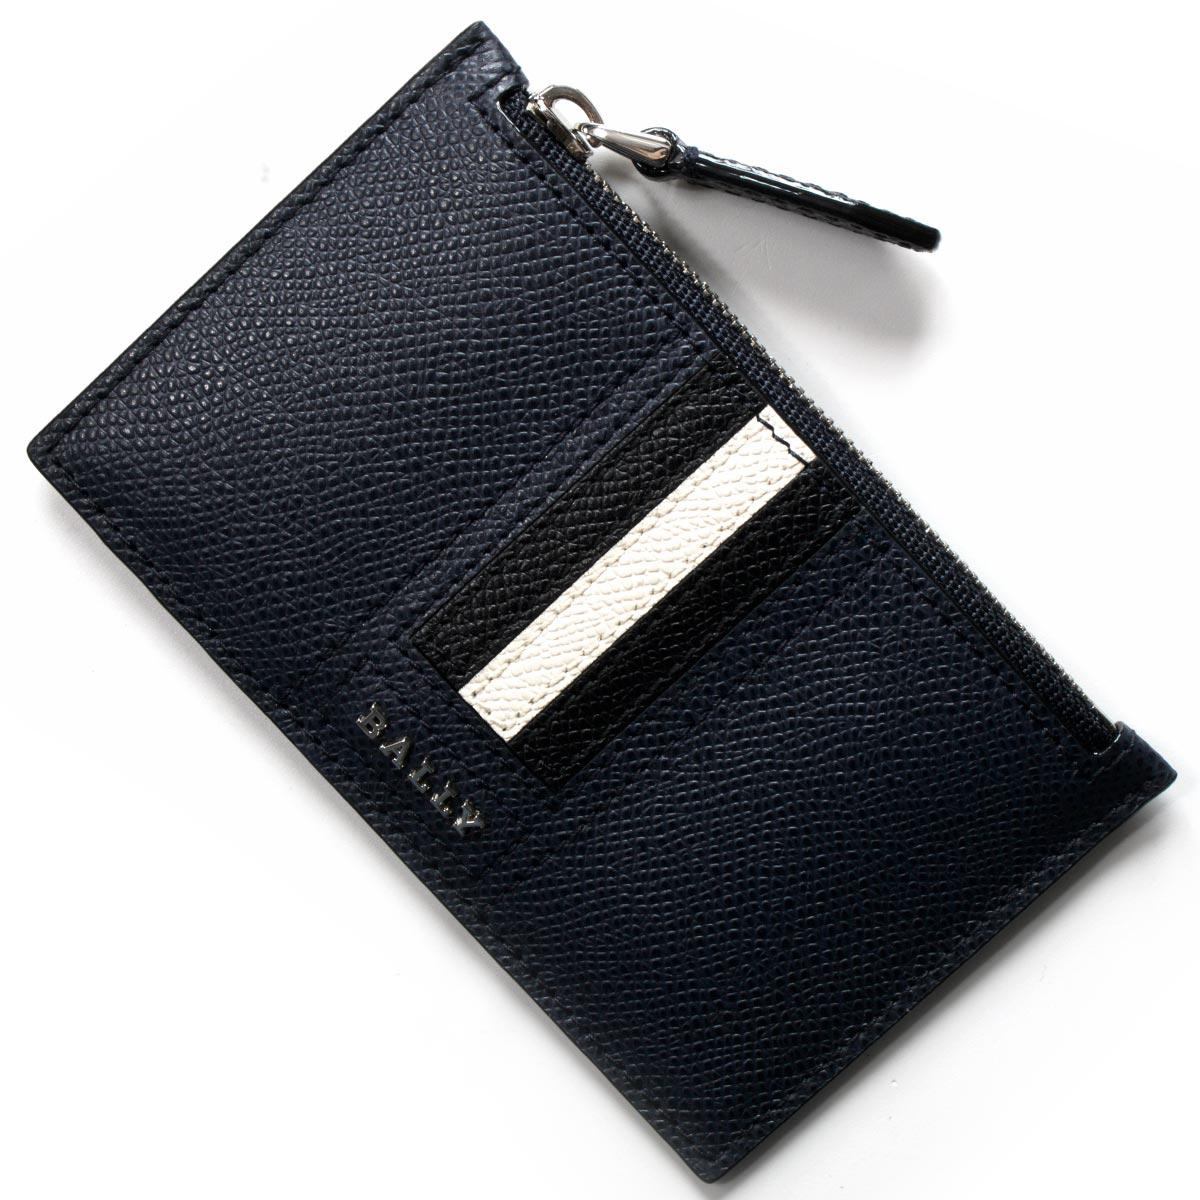 39013f4267f6 バリー コインケース【小銭入れ】/カードケース 財布 メンズ テンリー TENLEY ニューブルー